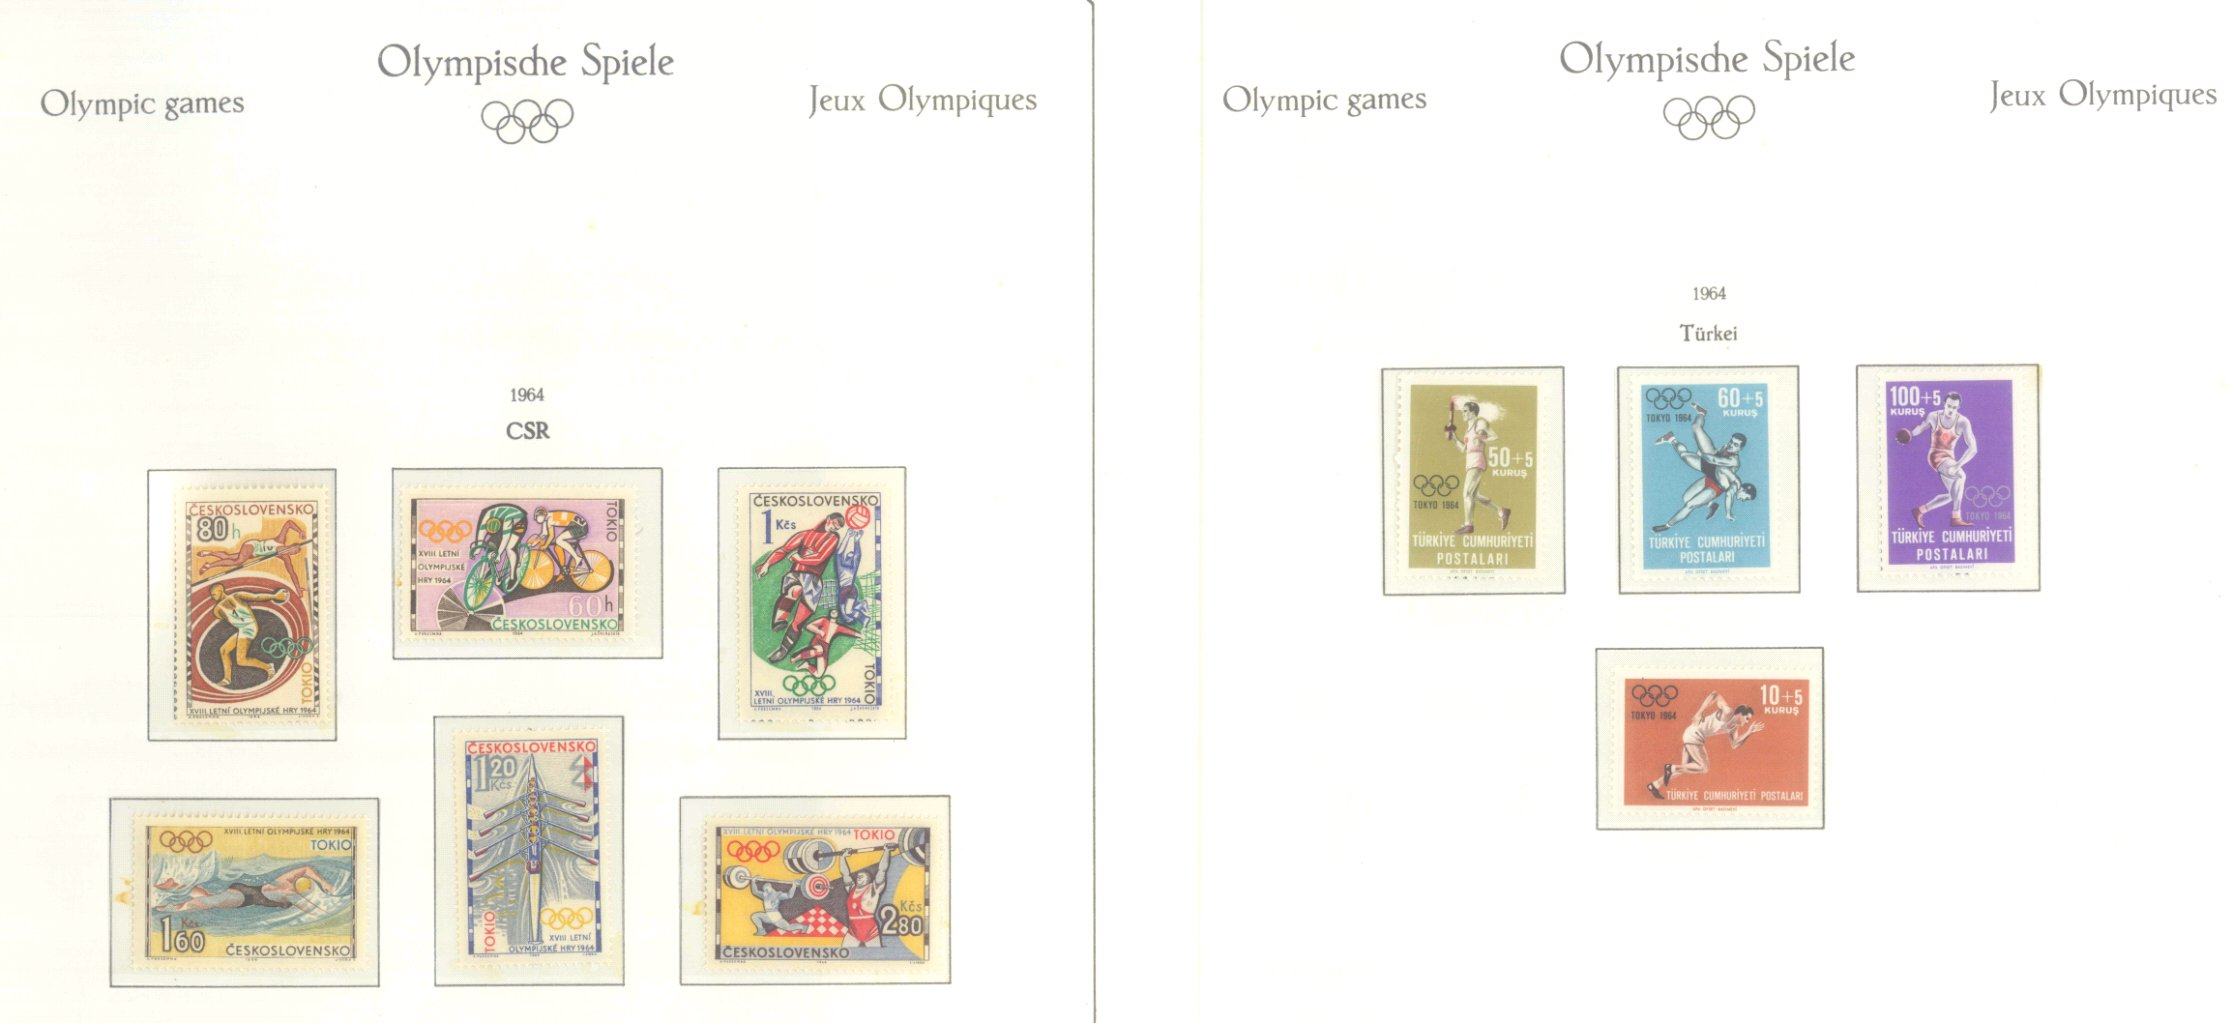 OLYMPISCHE SPIELE 1964 TOKIO, postfrische Sammlung Teil 2-43